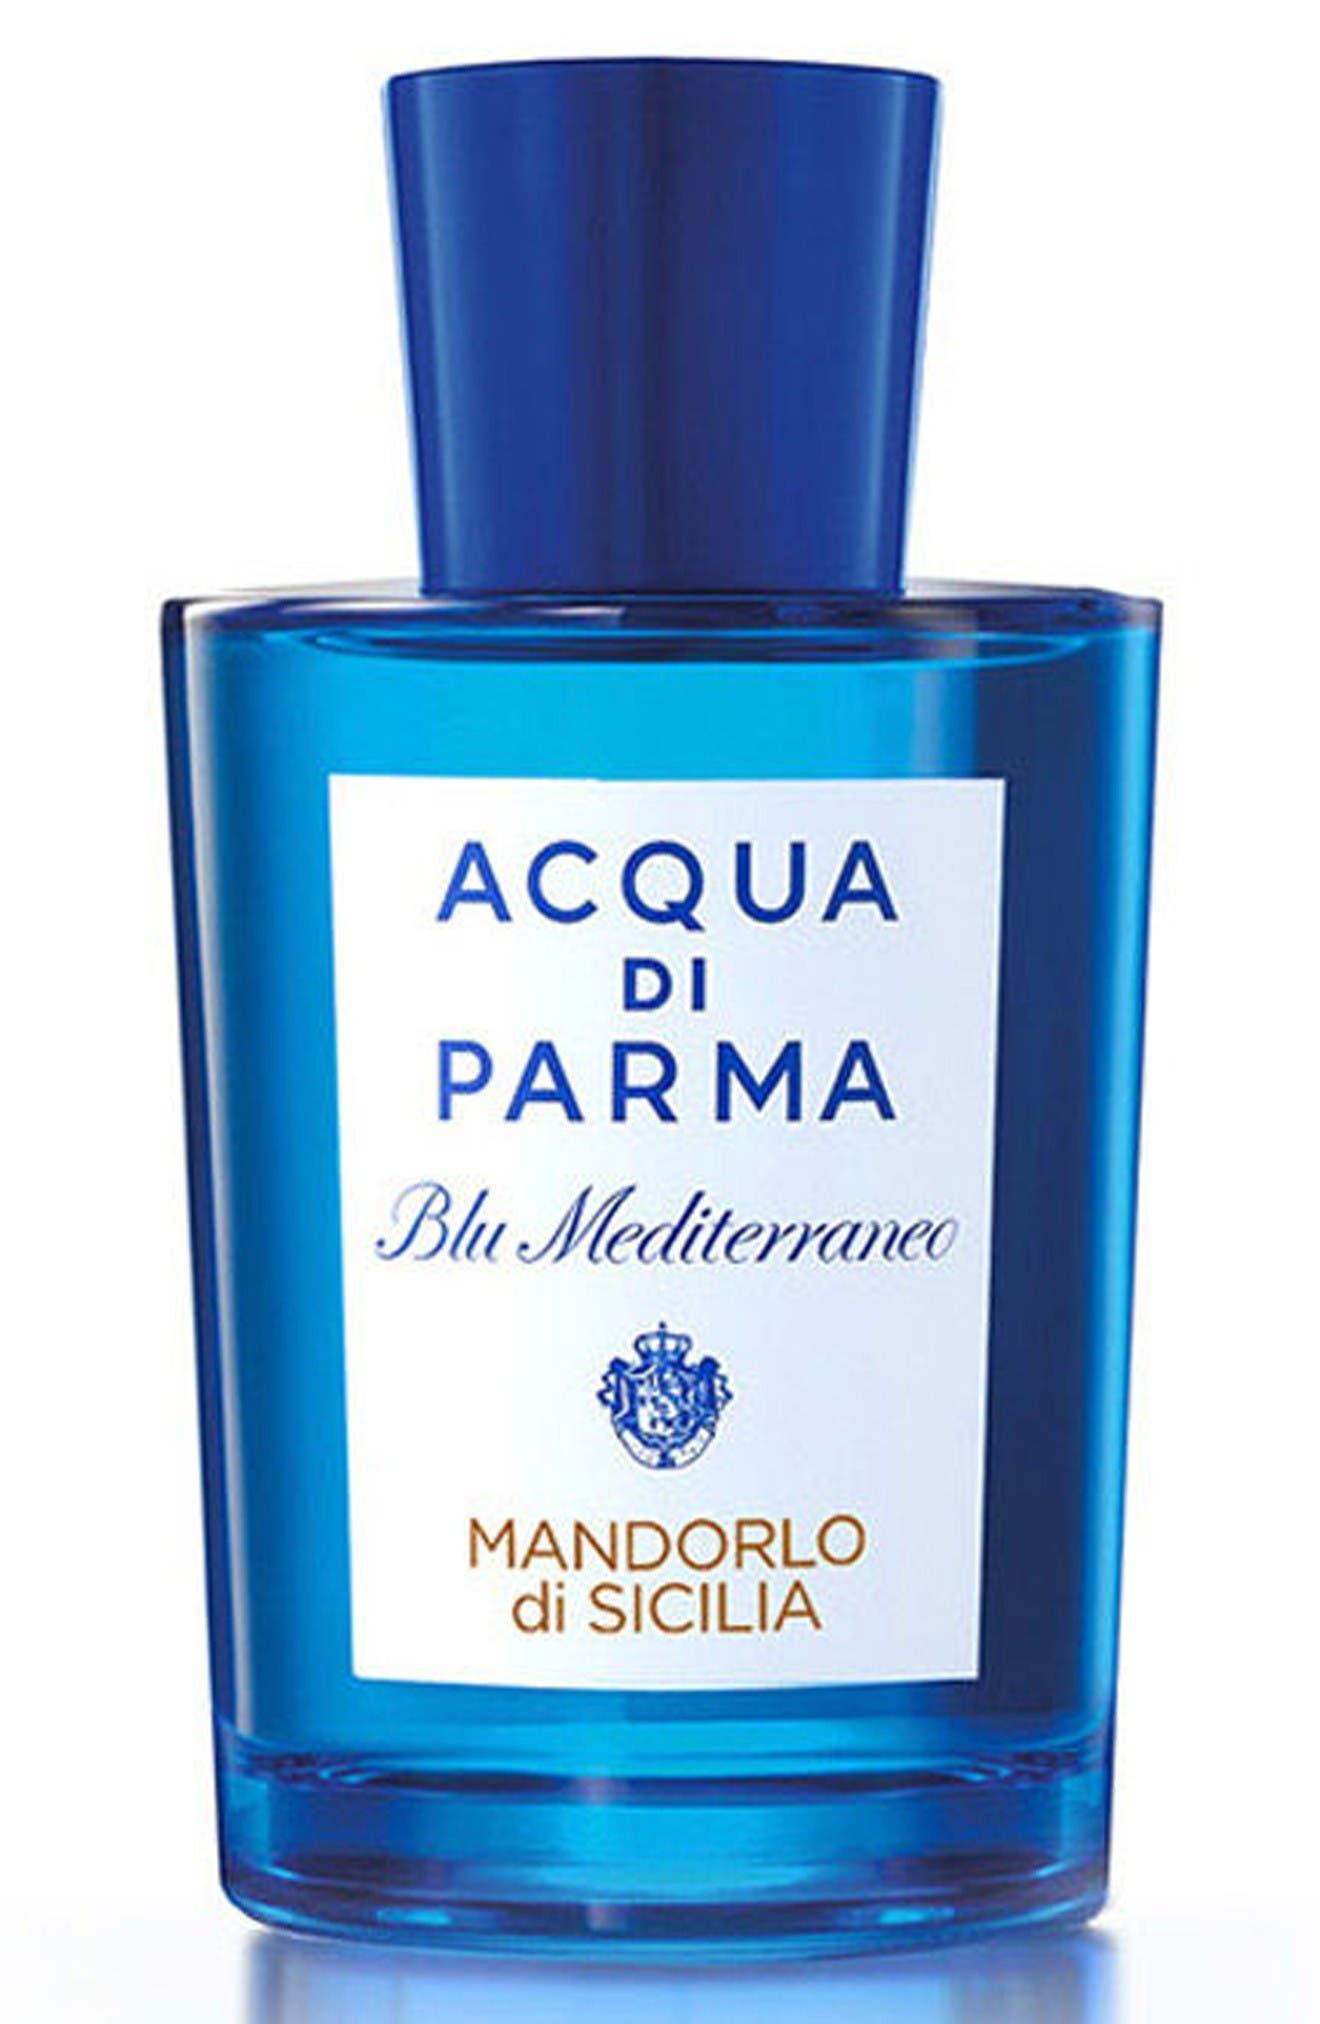 Acqua di Parma 'Blu Mediterraneo' Mandorlo di Sicilia Eau de Toilette Spray